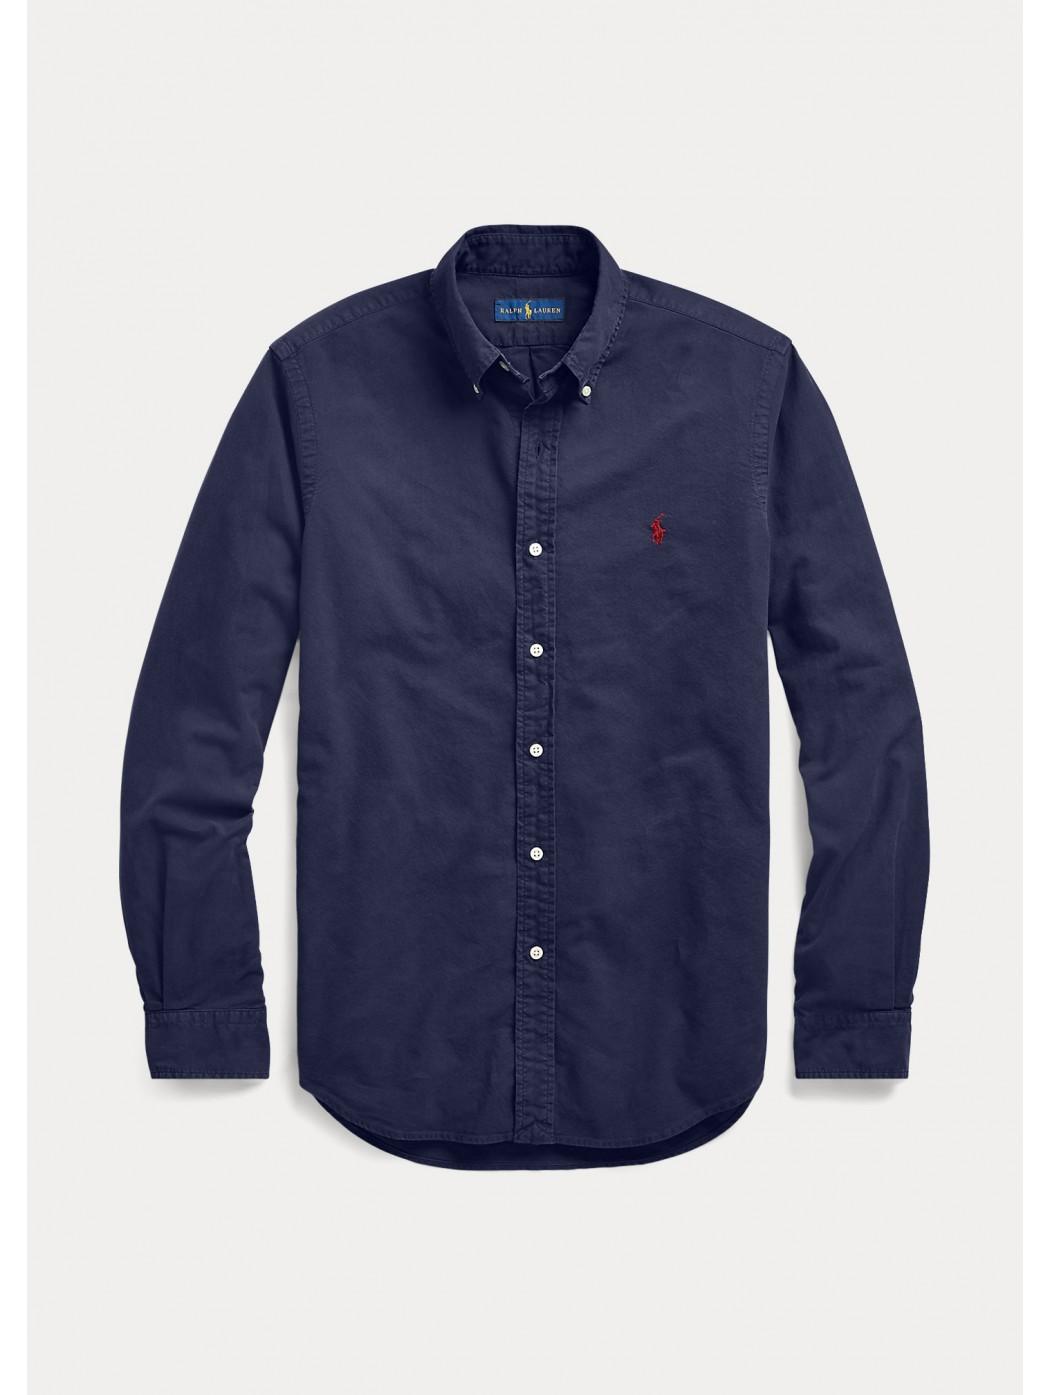 Camicia Oxford Slim-Fit POLO RALPH LAUREN UOMO 710723610 003